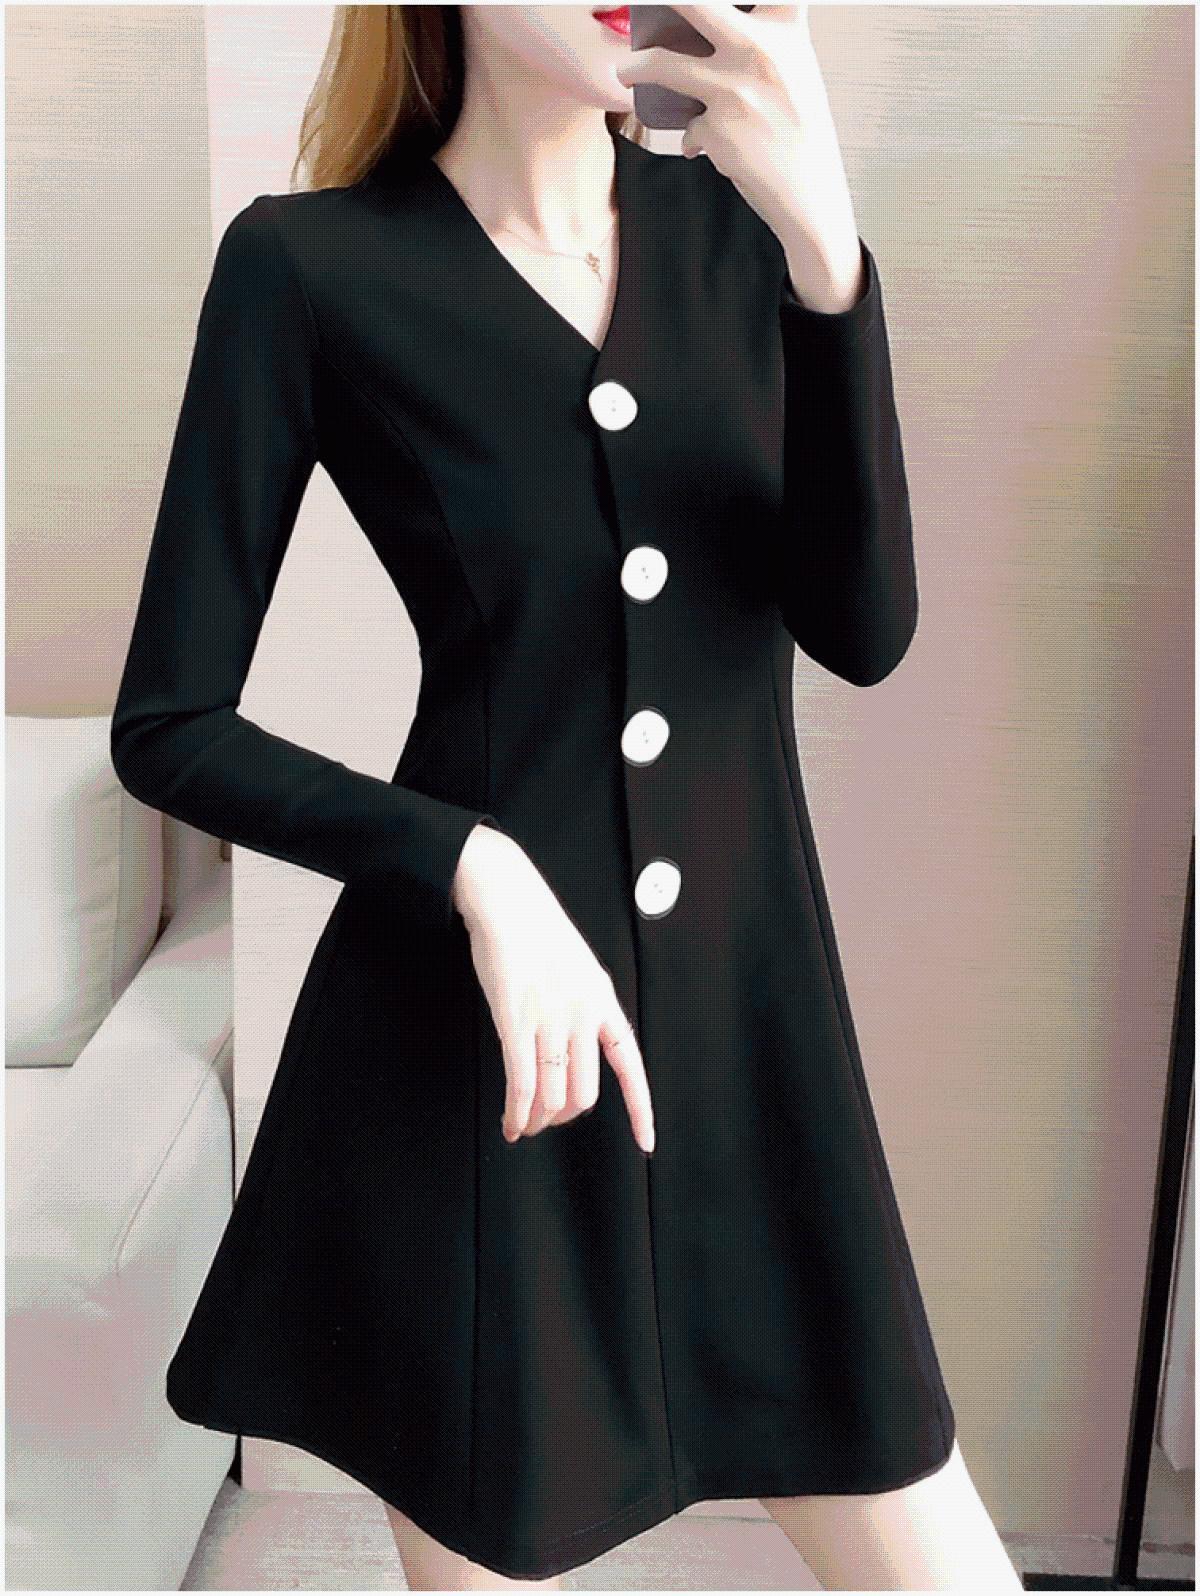 大码连衣裙2019秋季新款微胖女装洋气减龄胖妹妹显瘦收腰小黑裙子